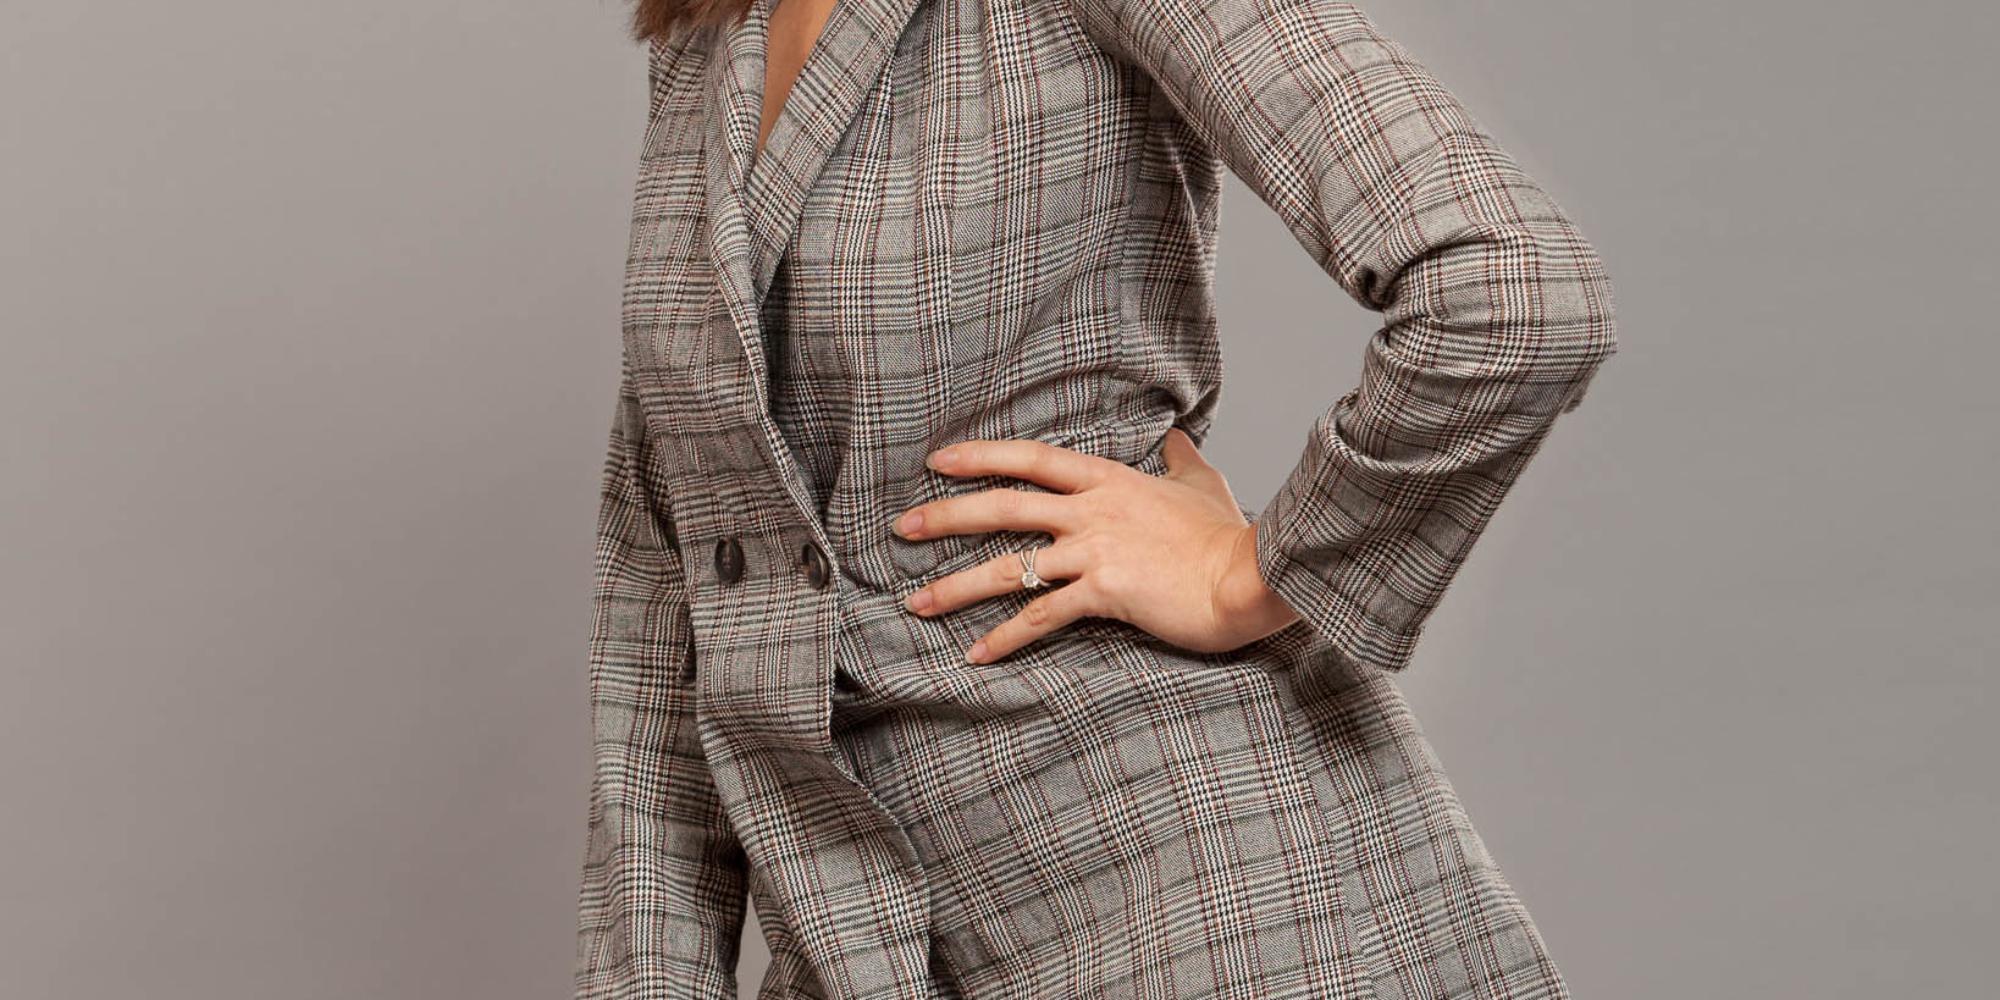 Julie, from Models&Images